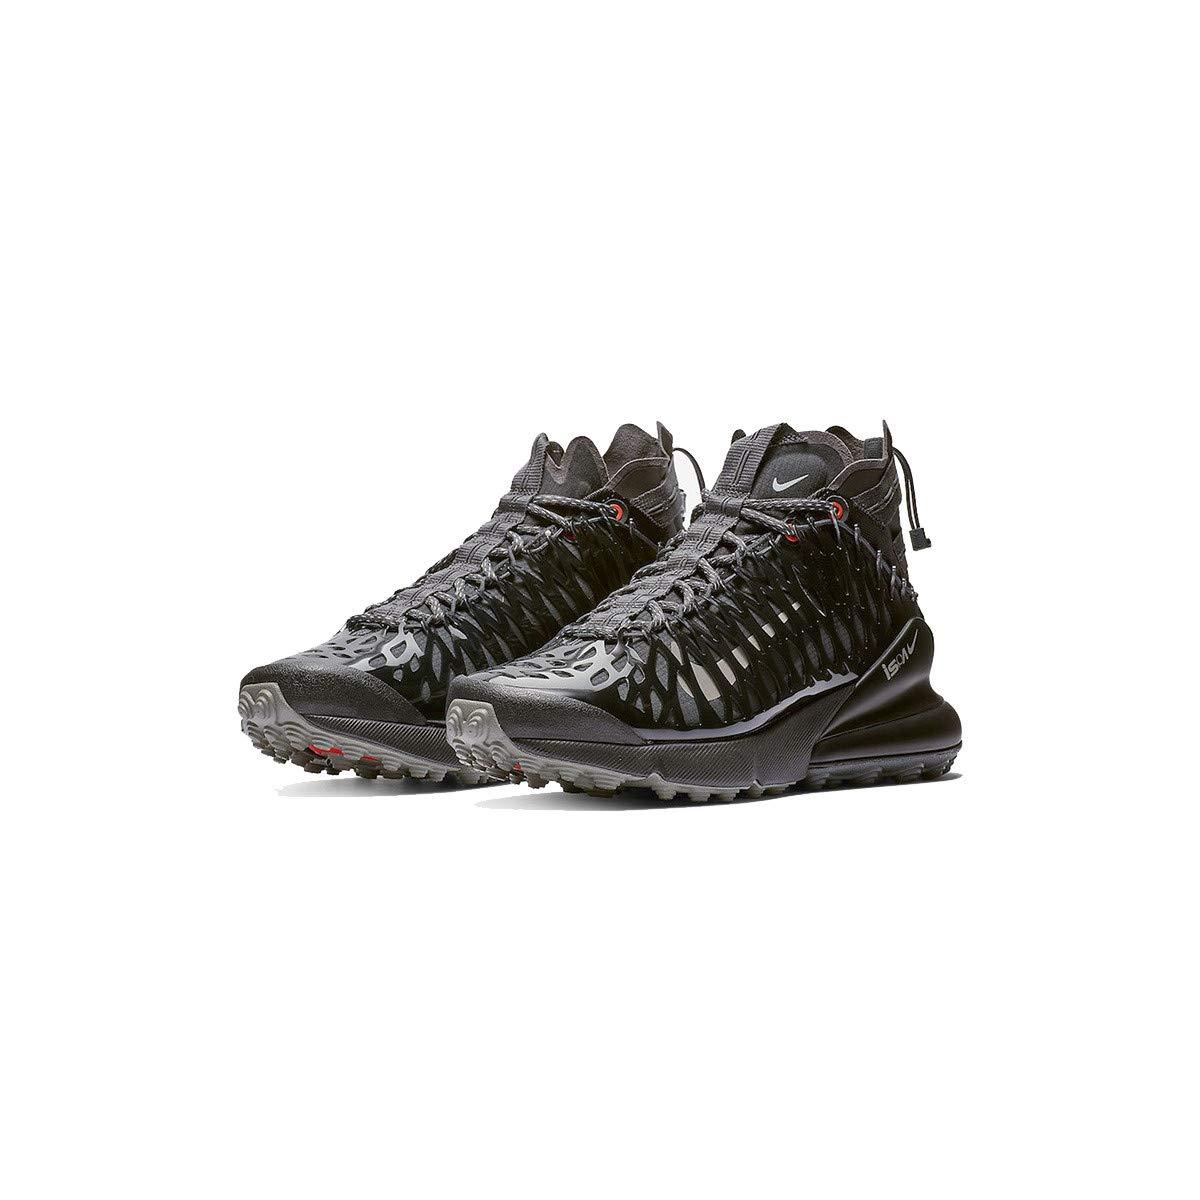 | Nike Air Max 270 SOE Mens Bq1918 002 Size 11